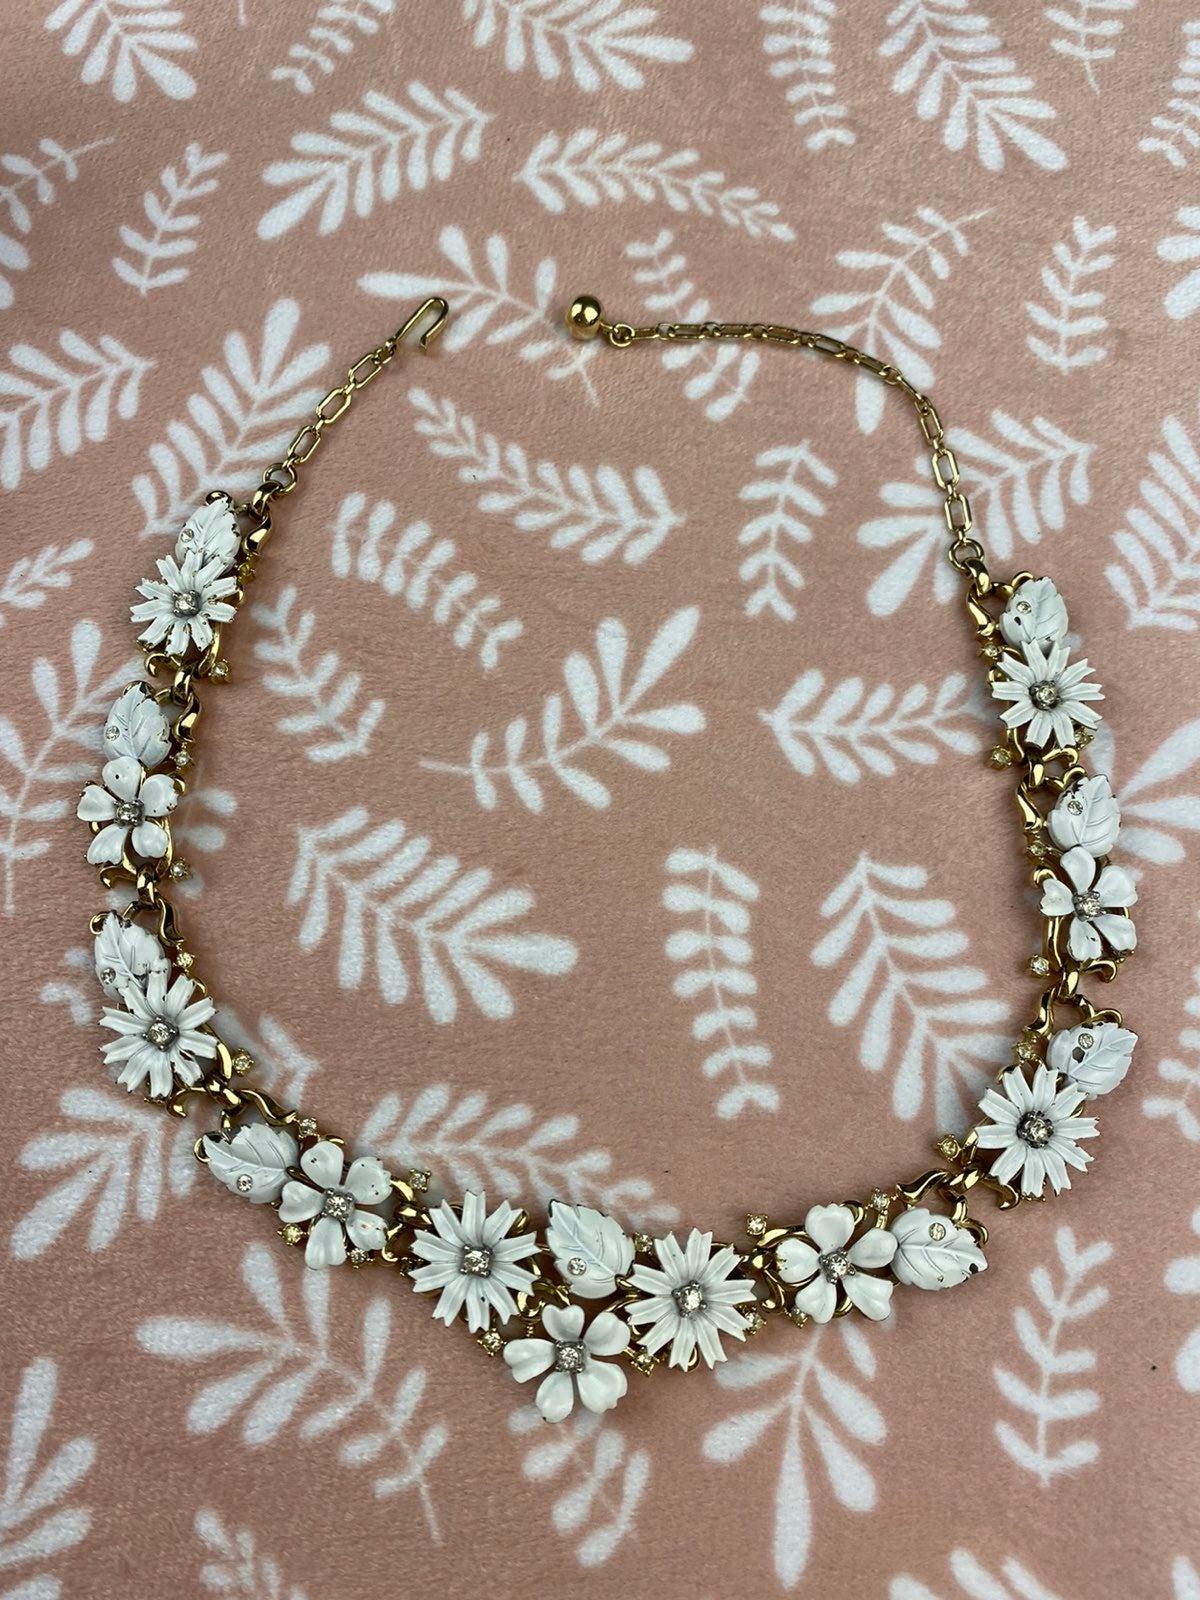 Vintage Trifari white enameled necklace